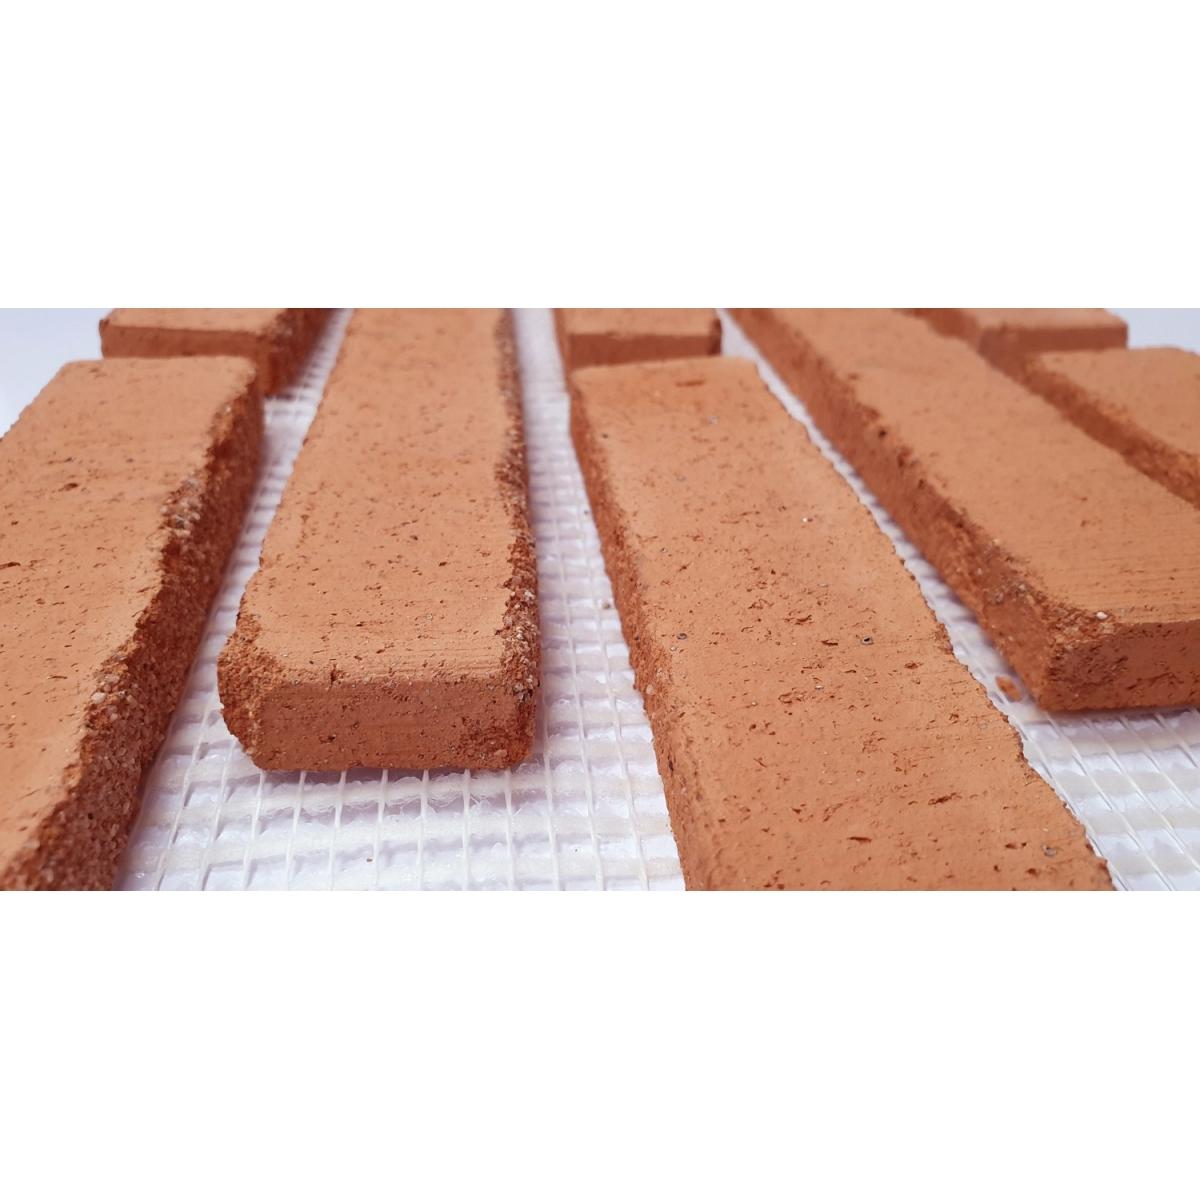 Plaqueta de ladrillo rustico enmallada para revestimiento interior y exterior tono salmon